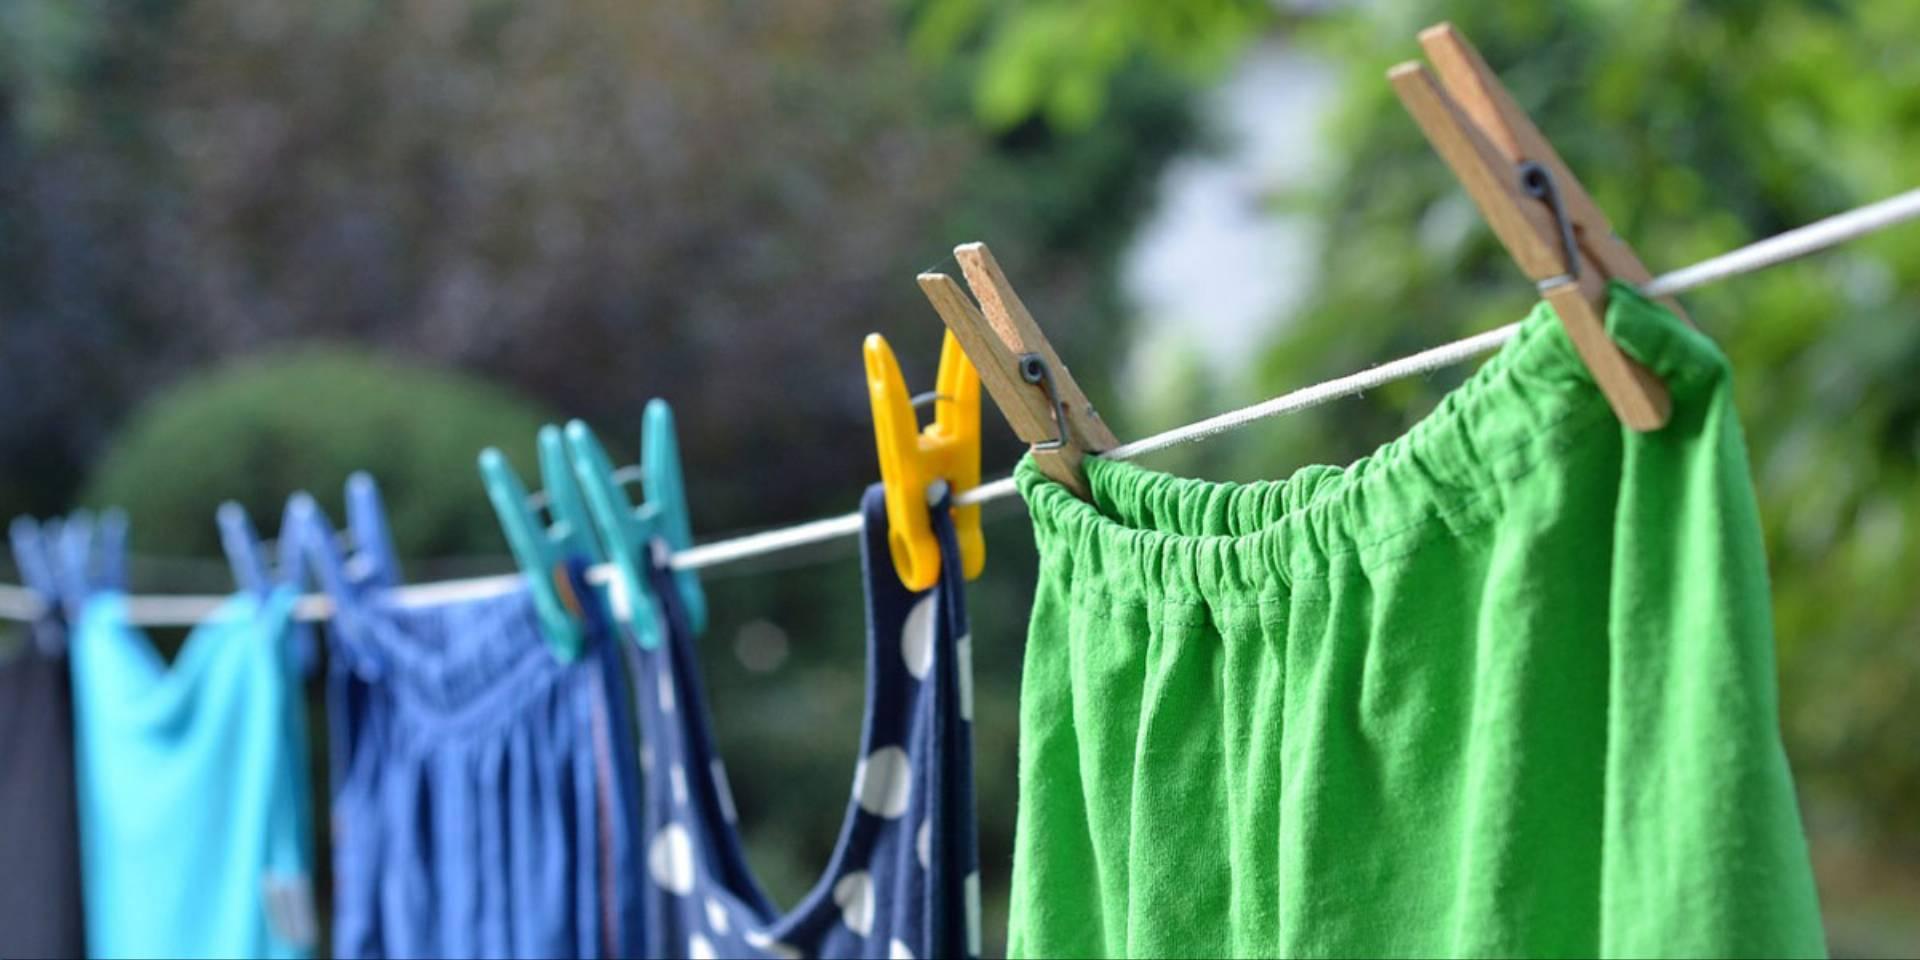 nieprzyjemny zapach ubrań